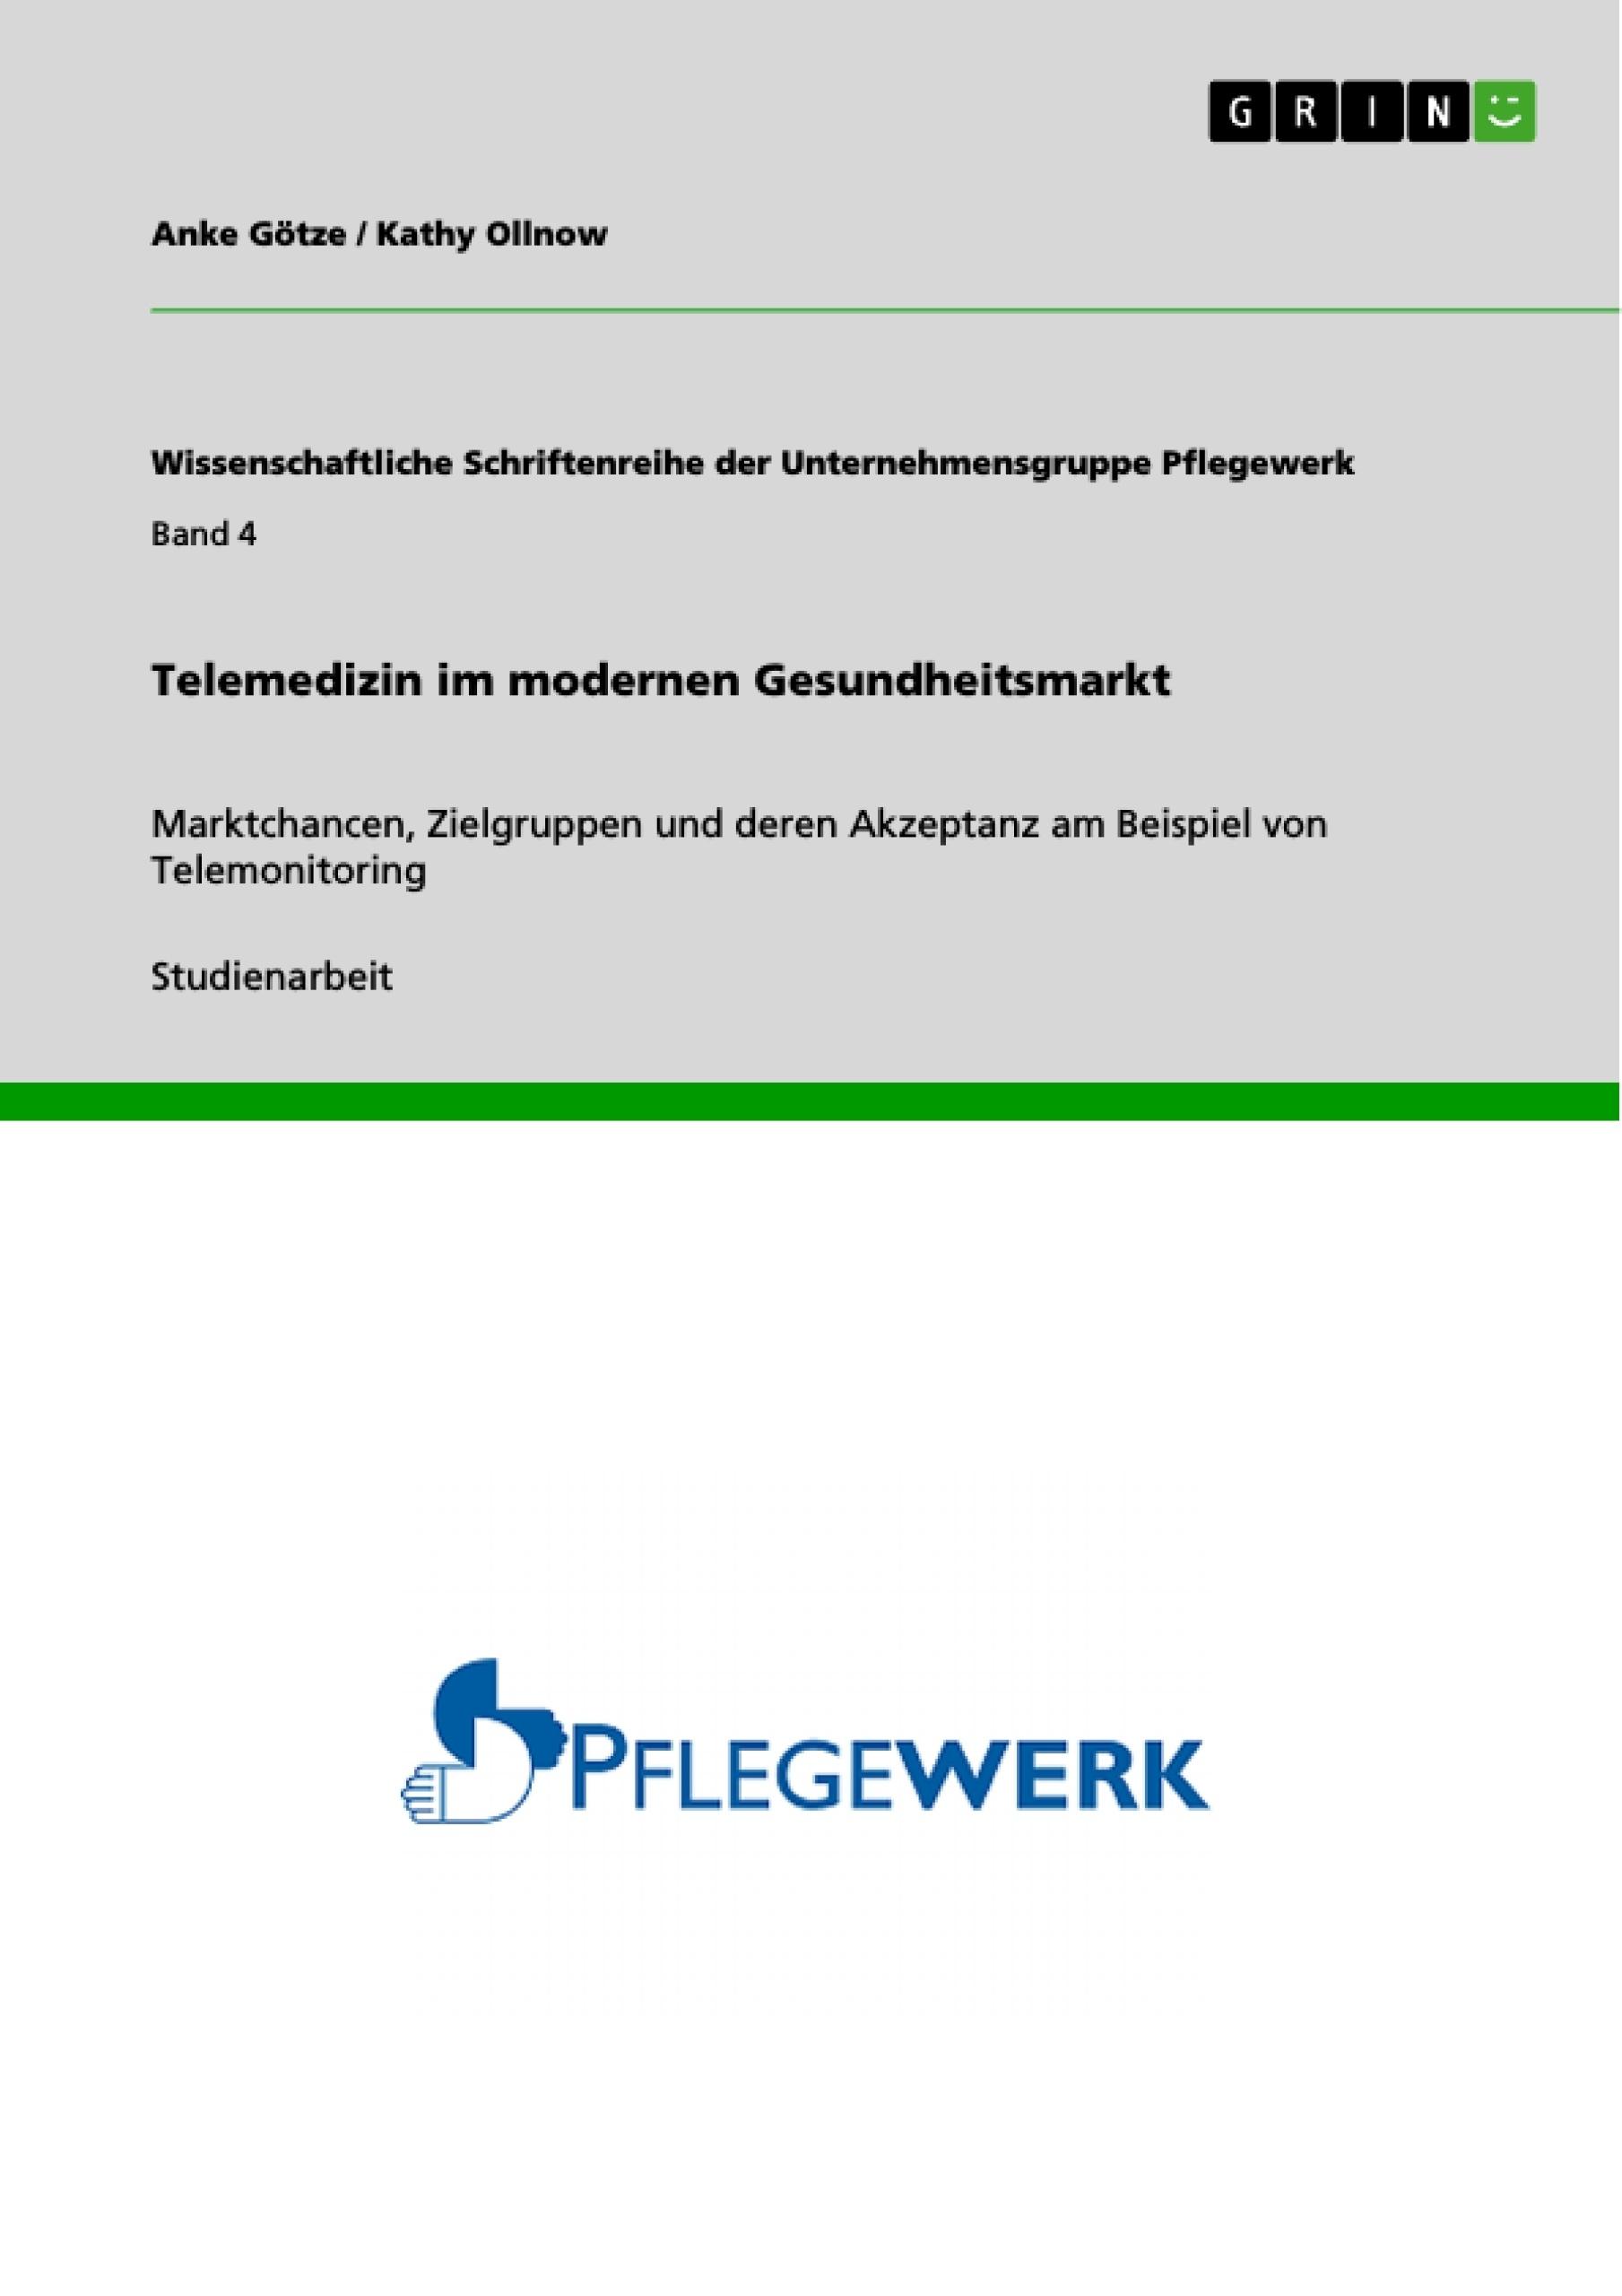 Titel: Telemedizin im modernen Gesundheitsmarkt